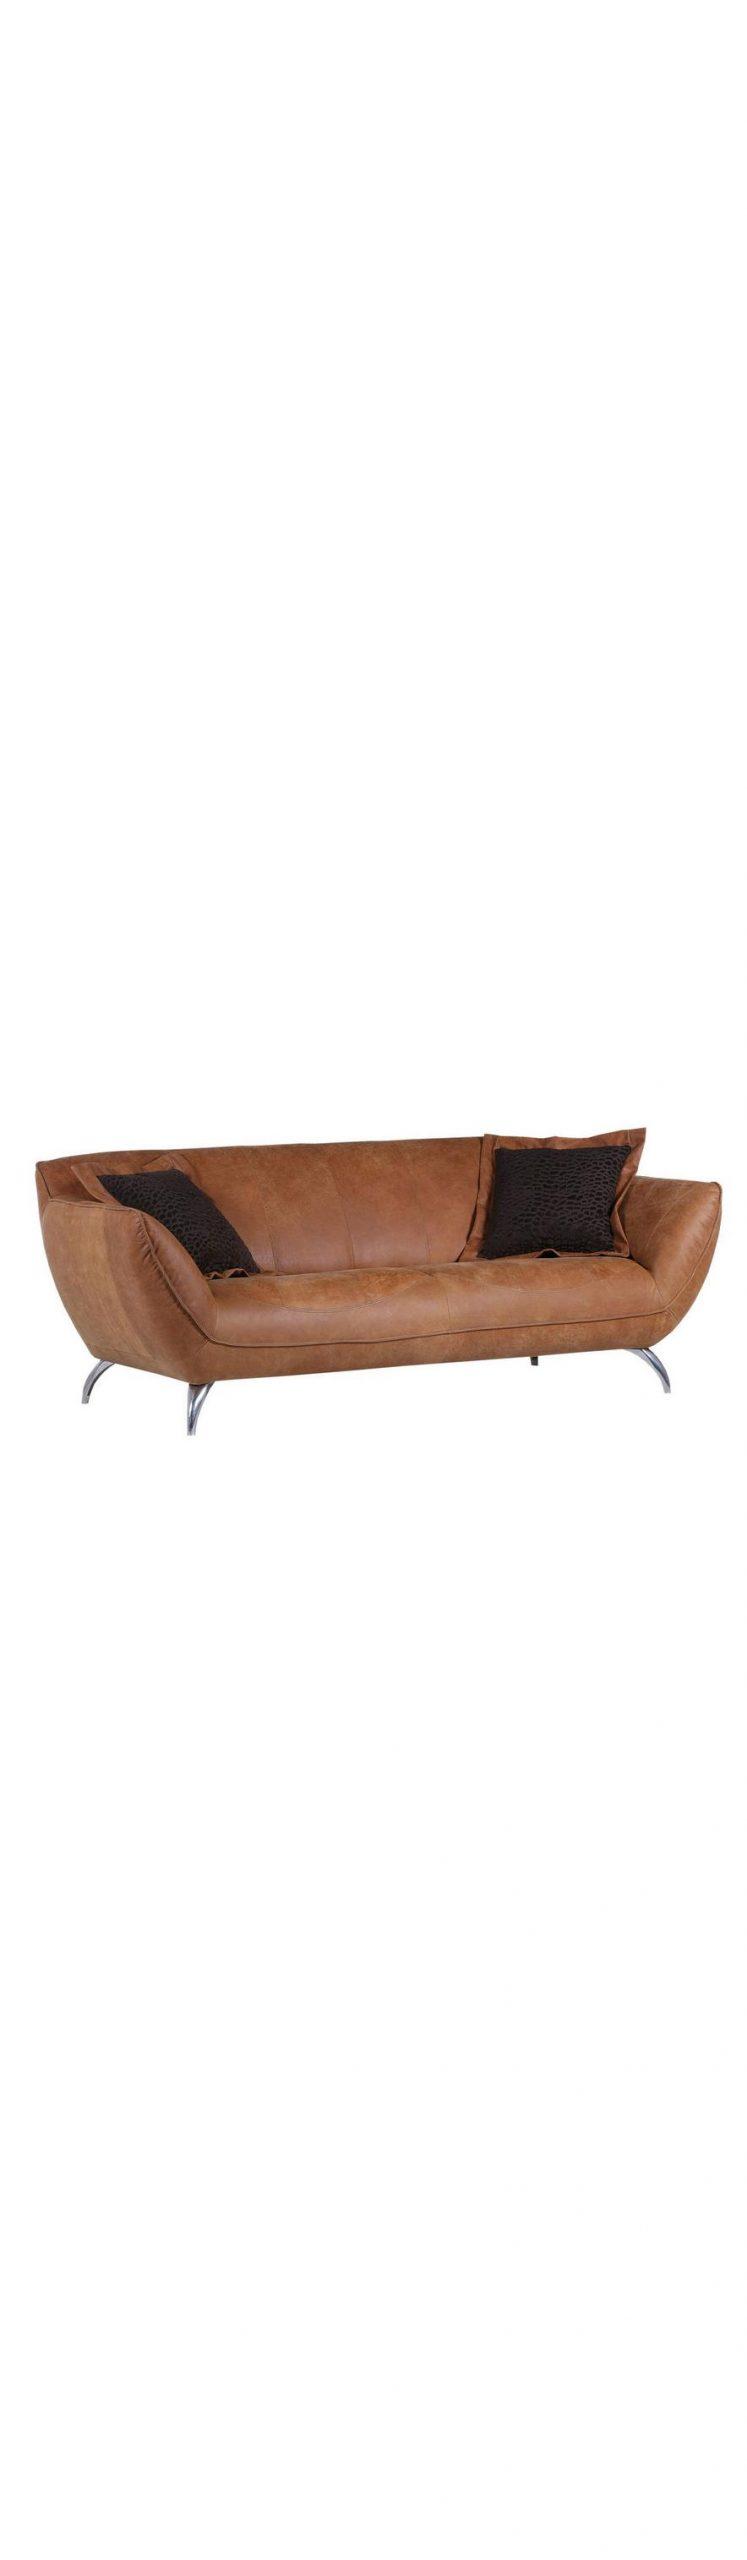 Full Size of Zweisitzer Sofa In Hellbraun Online Bestellen Walter Knoll Liege Schlaffunktion Rotes Rund Schlaf Marken Blau Büffelleder Weißes Mit Federkern 2 Sitzer Big Sofa Zweisitzer Sofa